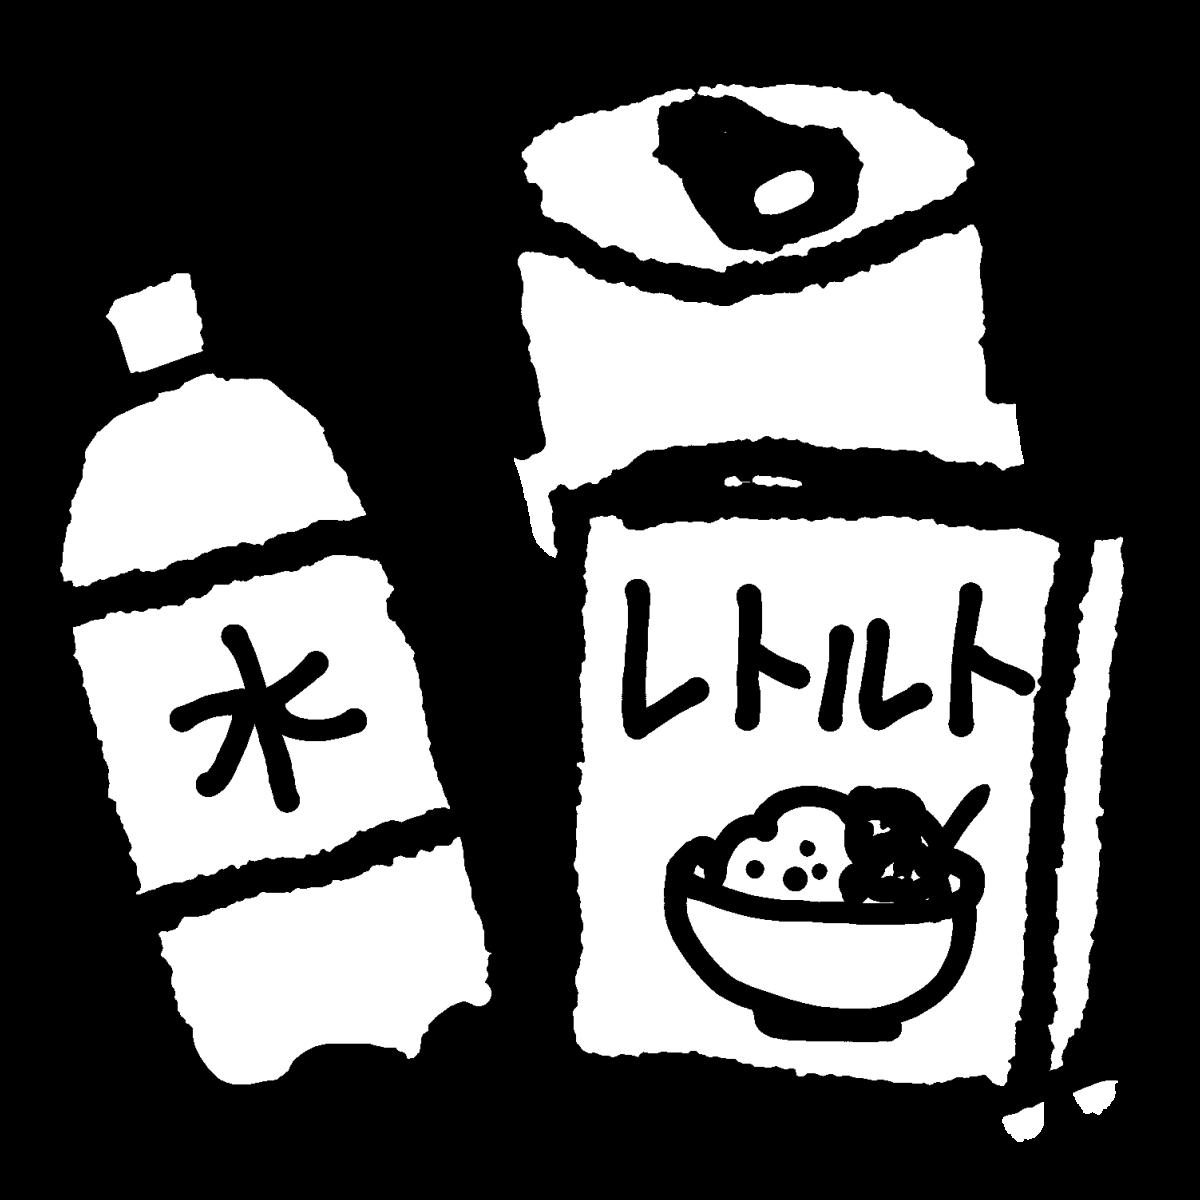 保存食のイラスト / Preserved foods Illustration